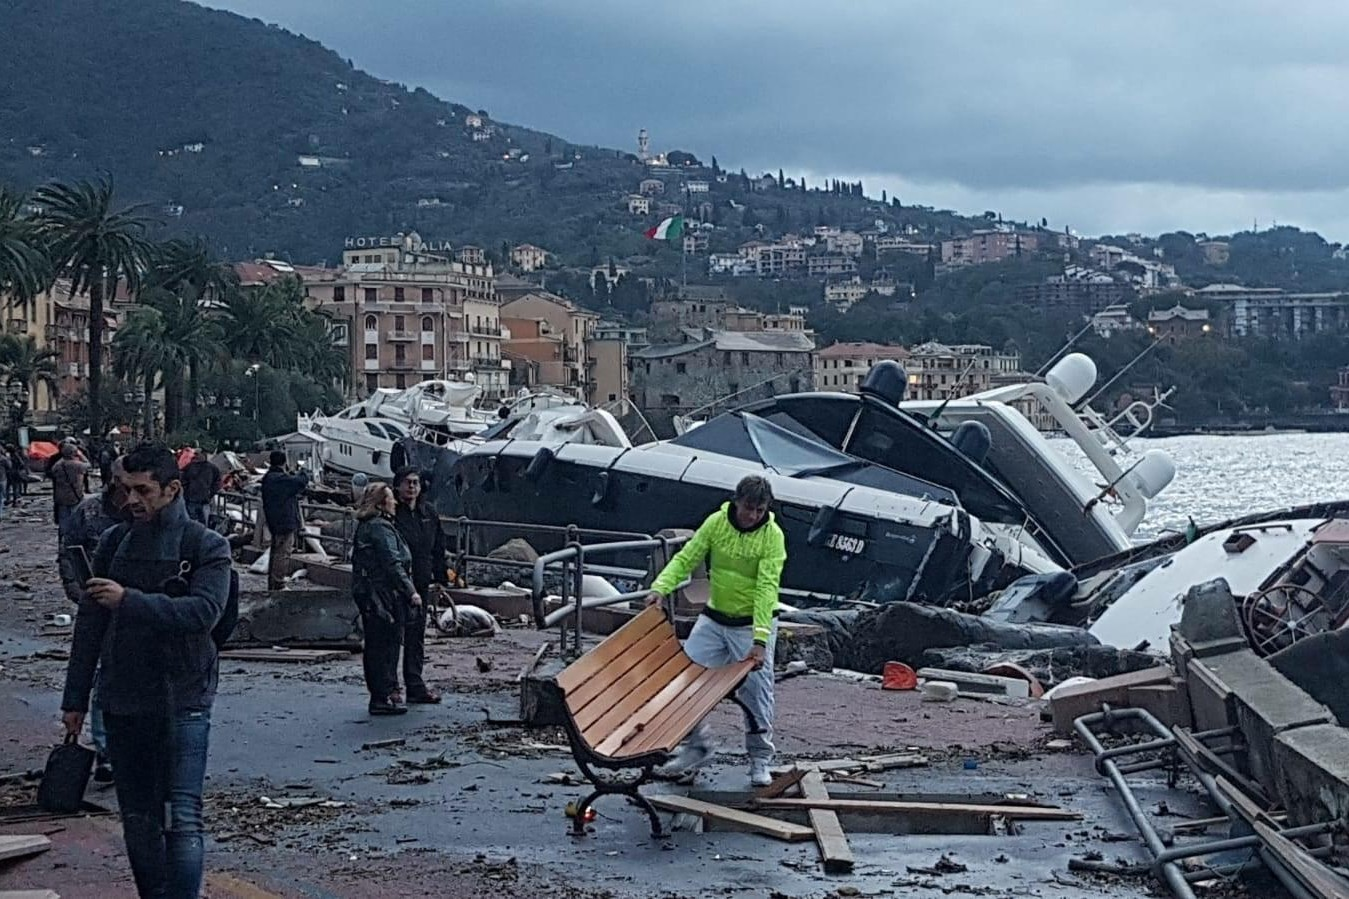 La tempête a fait des dégâts dans le port de Rapallo (Italie) mardi 30 octobre 2018